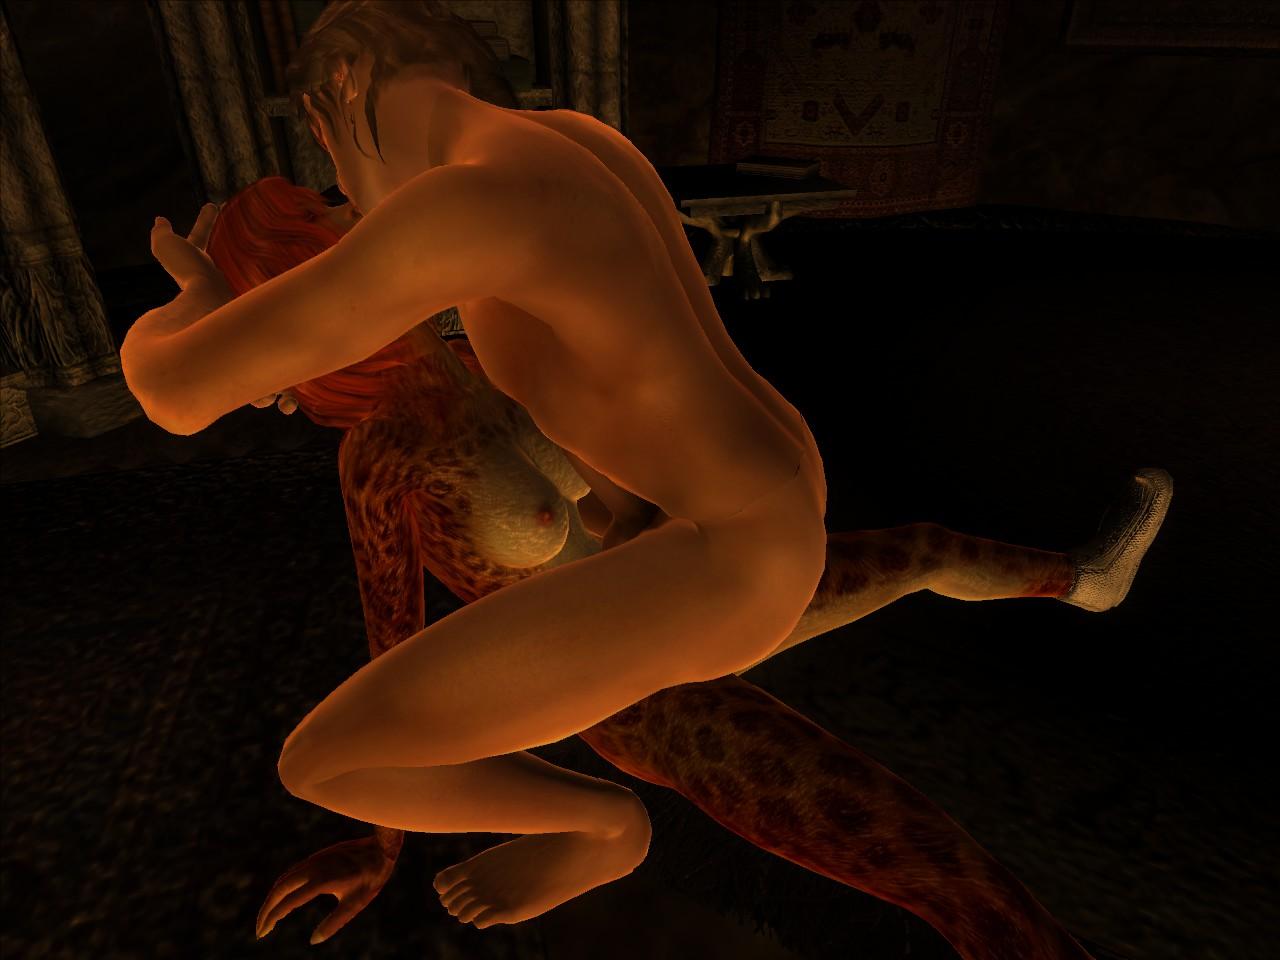 Oblivion khajiit nude nude toons